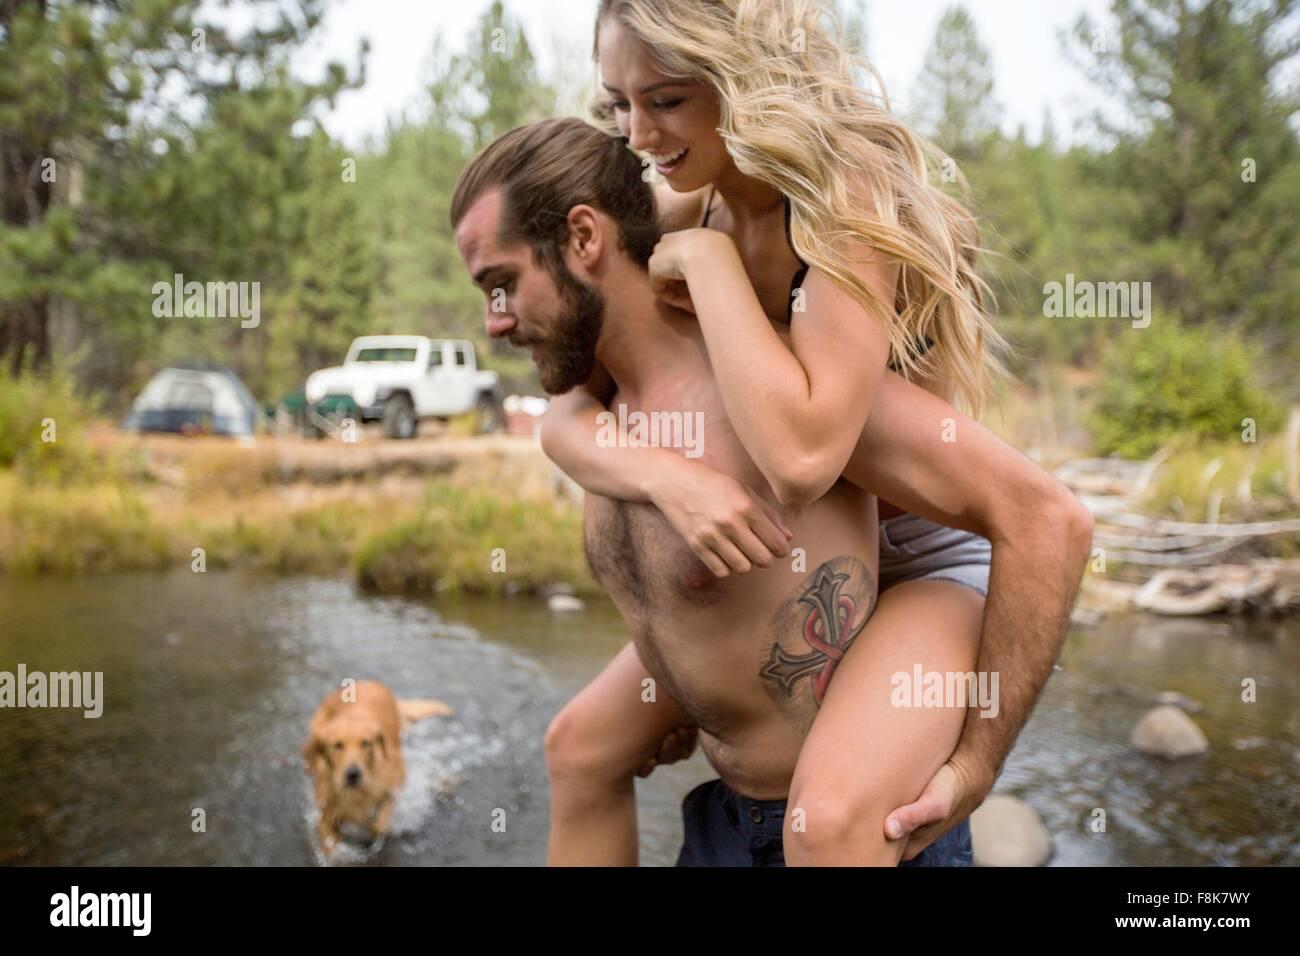 Giovane ragazza dando un piggyback Varcando il fiume, Lake Tahoe, Nevada, STATI UNITI D'AMERICA Immagini Stock